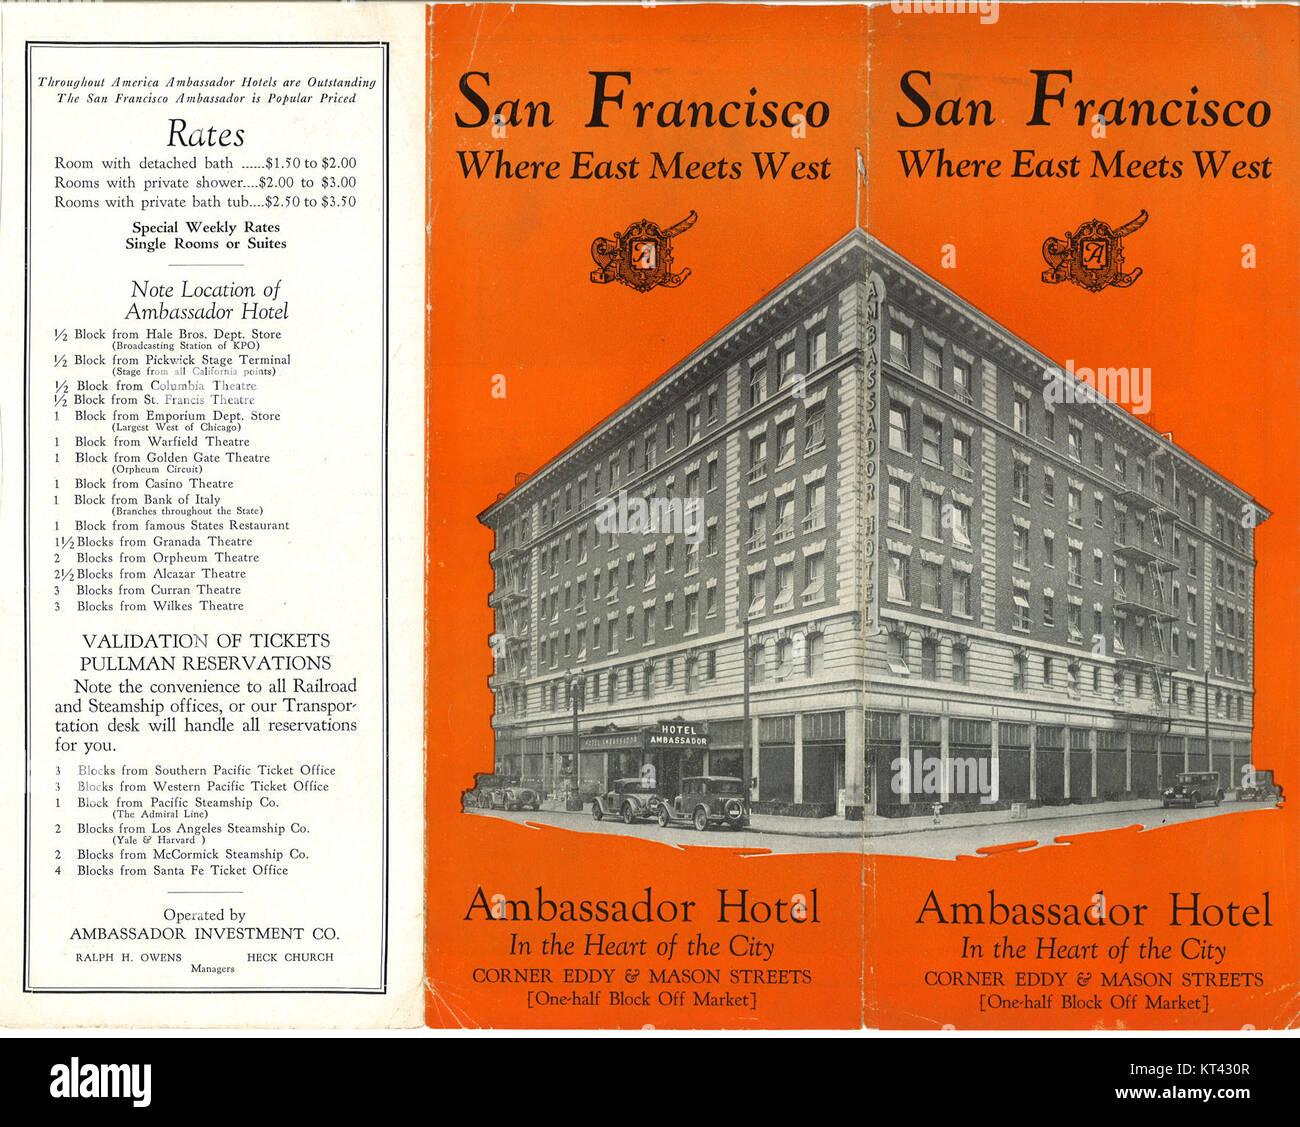 Ambassador Hotel 1930 brochure side 1 - Stock Image